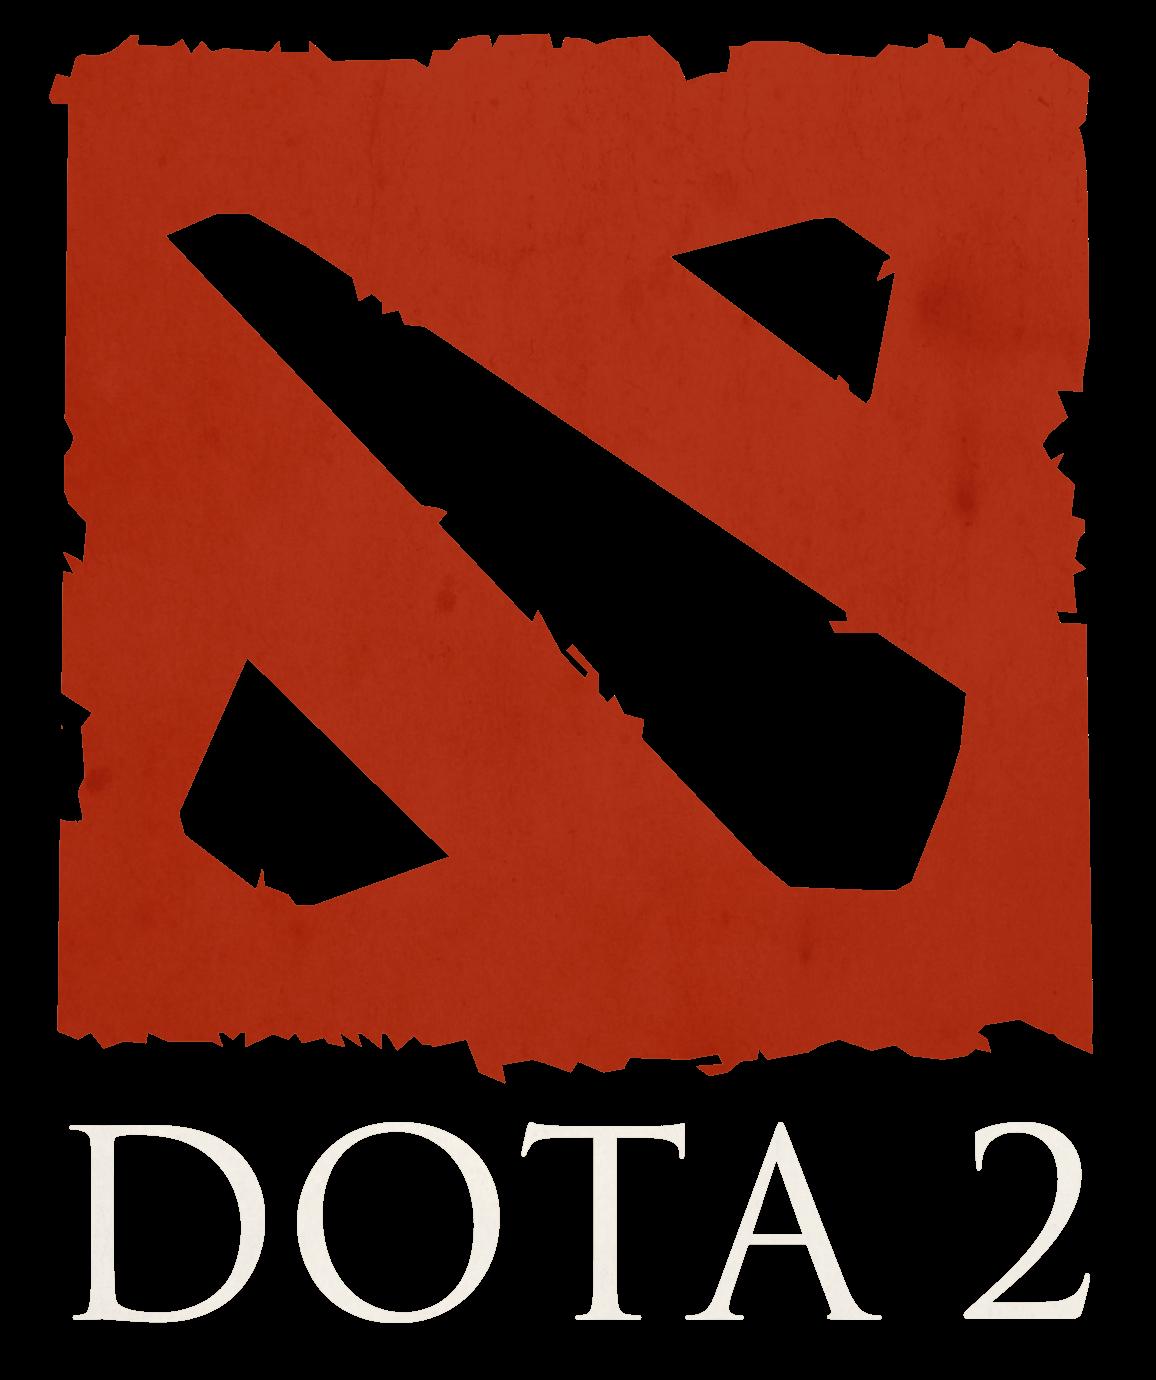 dota-2-logo1